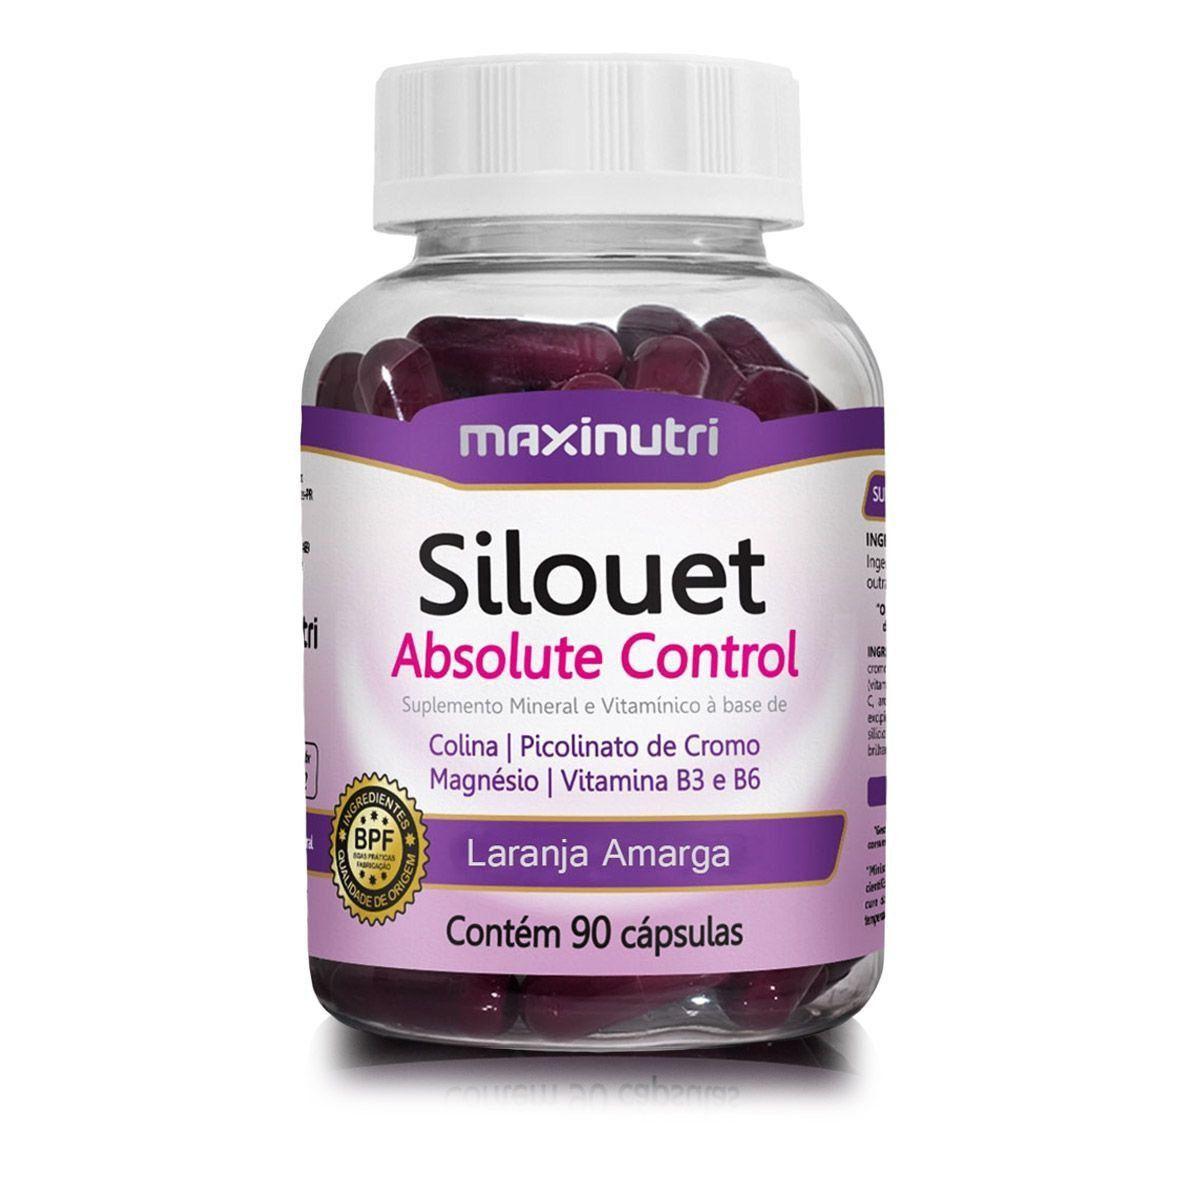 Silouet Absolute Control 90 Cápsulas Maxinutri